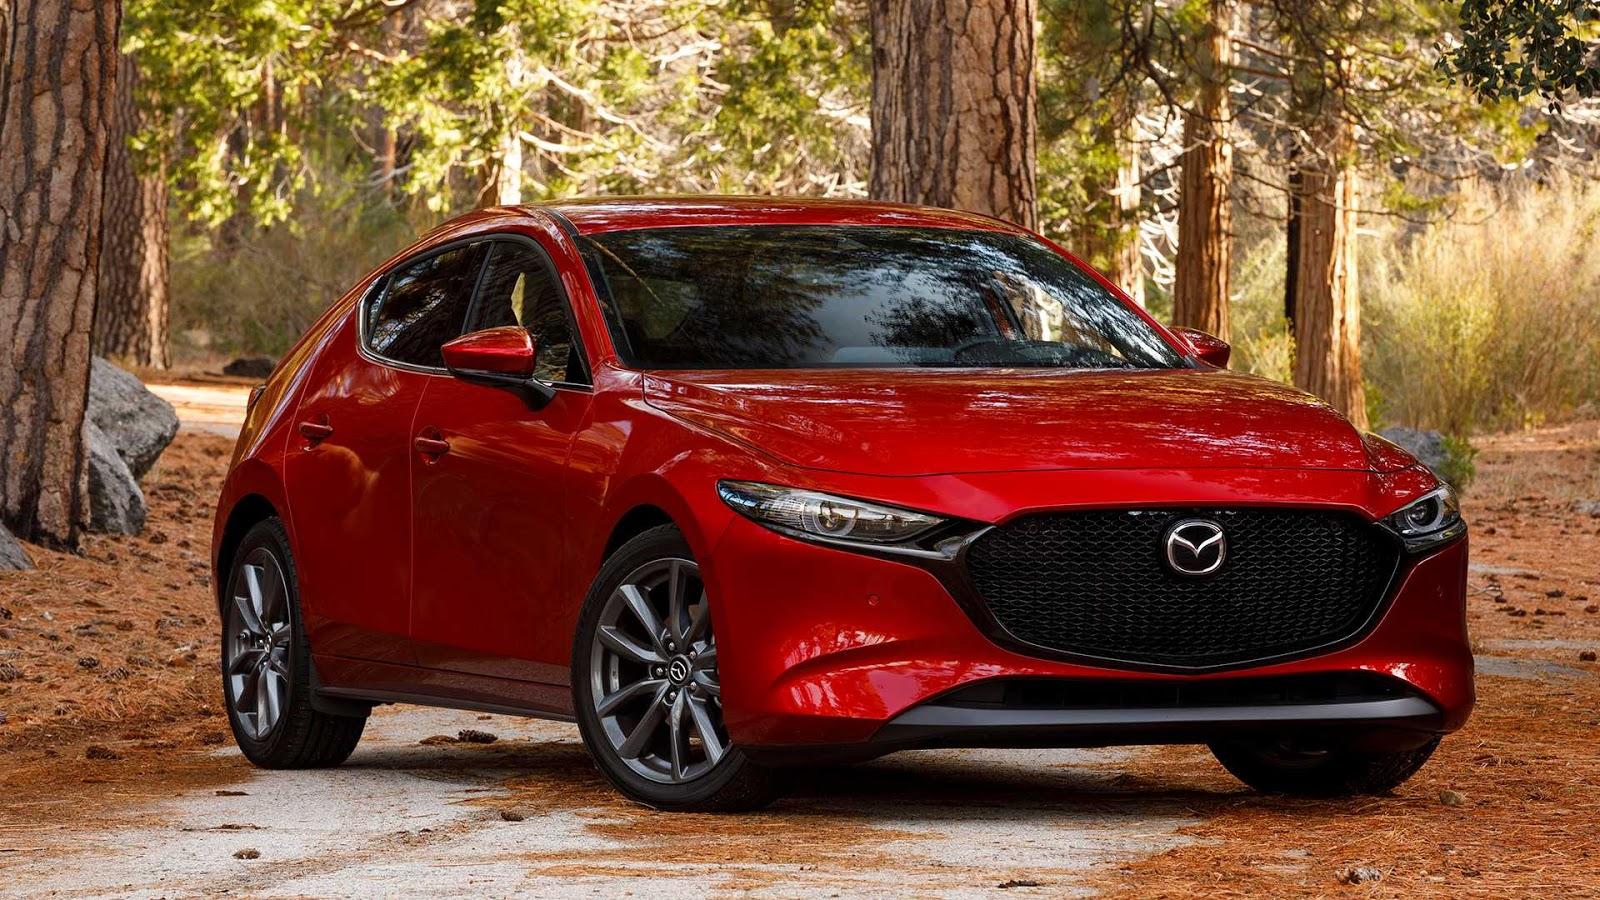 Kekurangan Harga Mazda 3 2019 Review